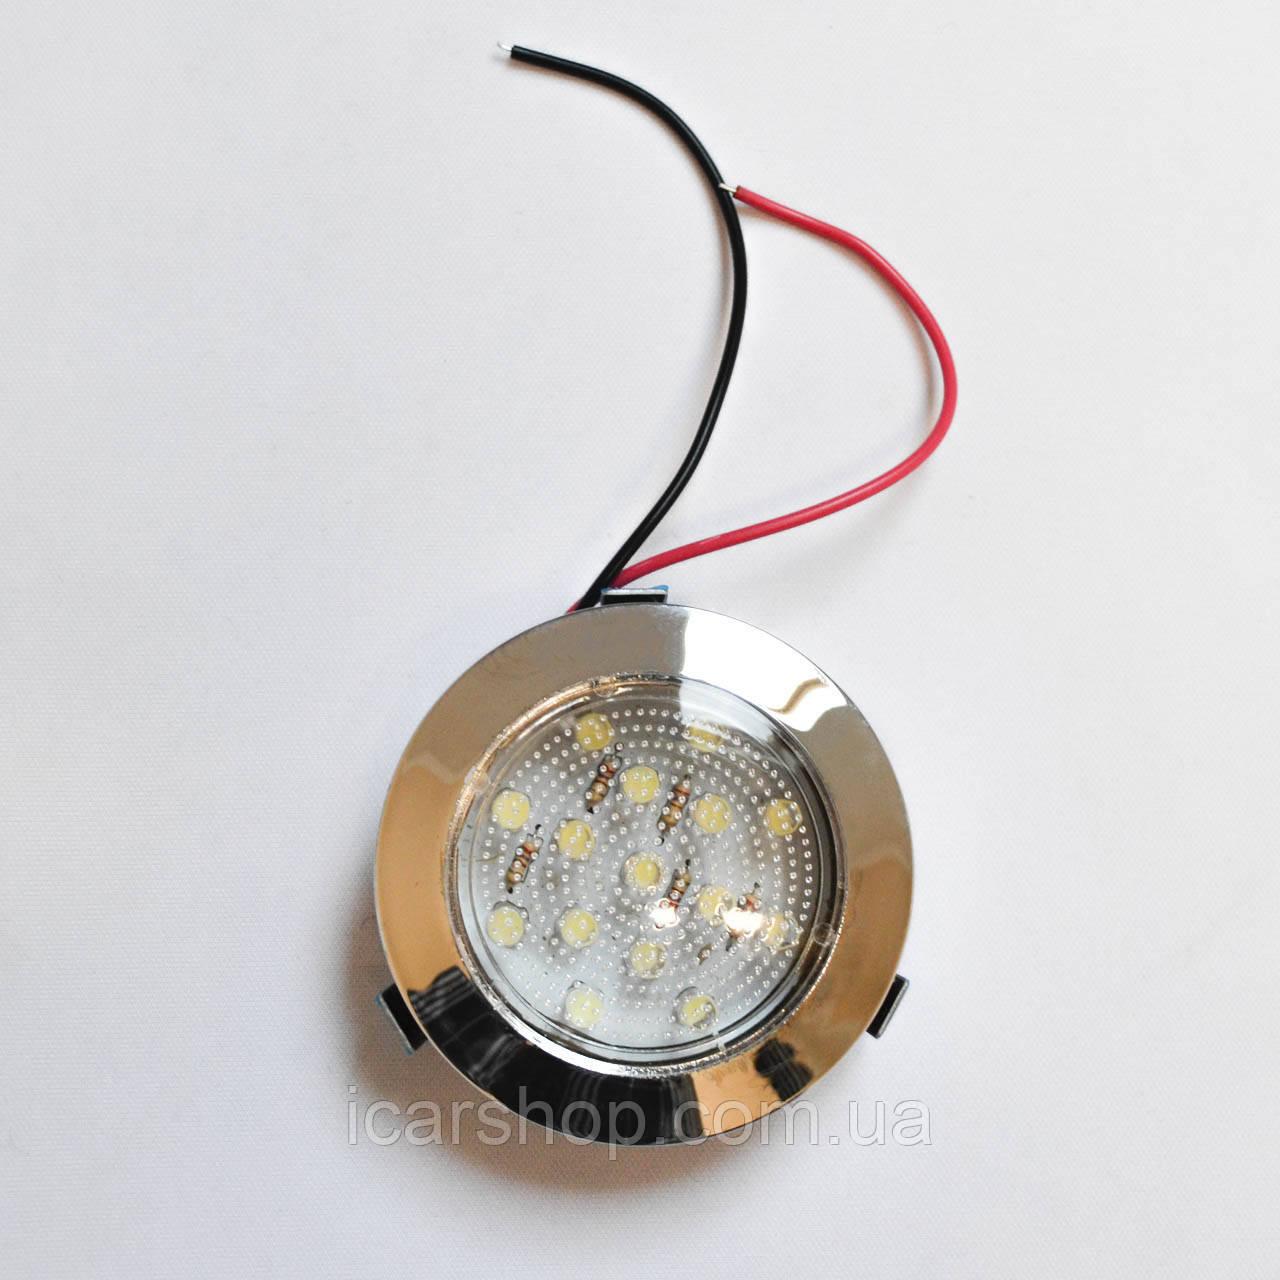 Точечный светильник Хром 12V (круглый)